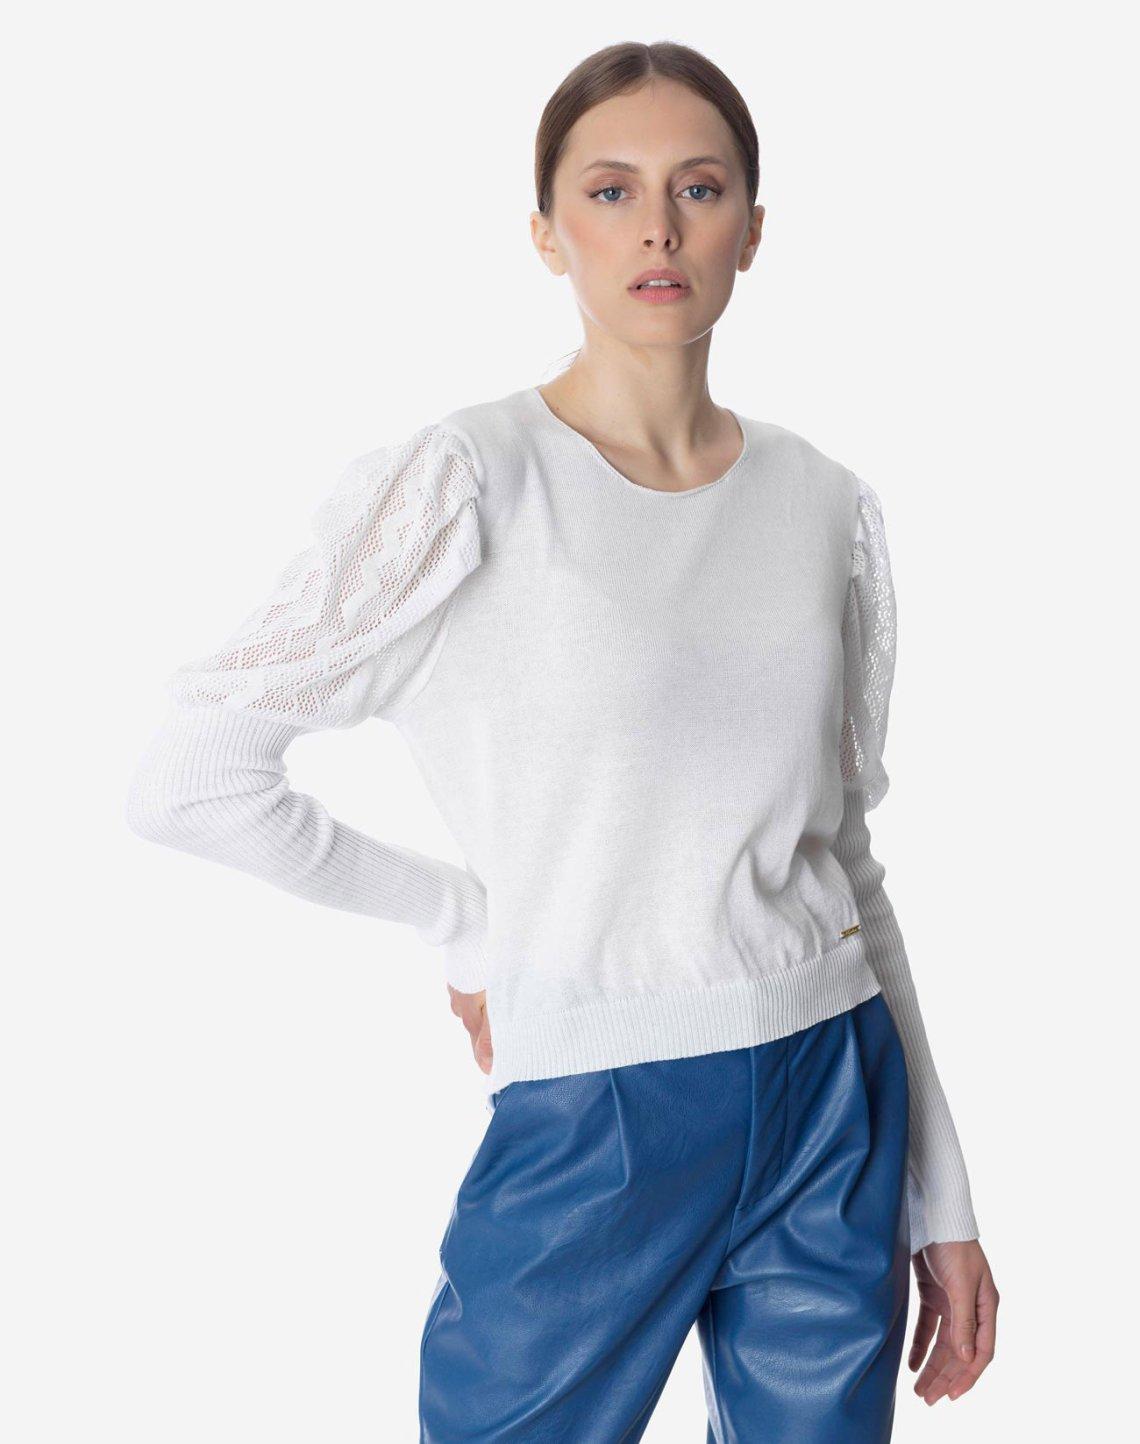 Μπλούζα με φουσκωτό μανίκι